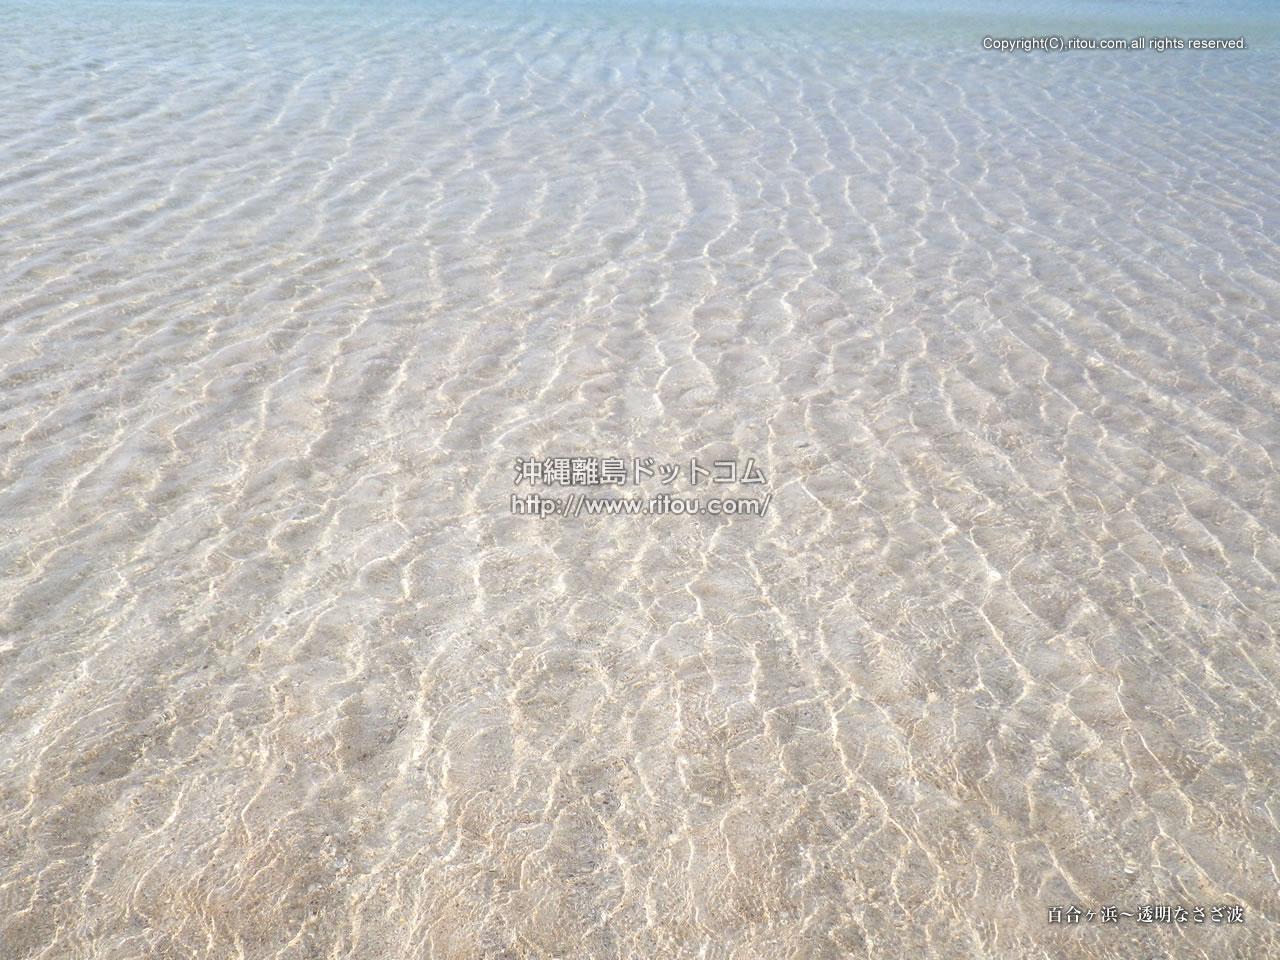 百合ヶ浜〜透明なさざ波